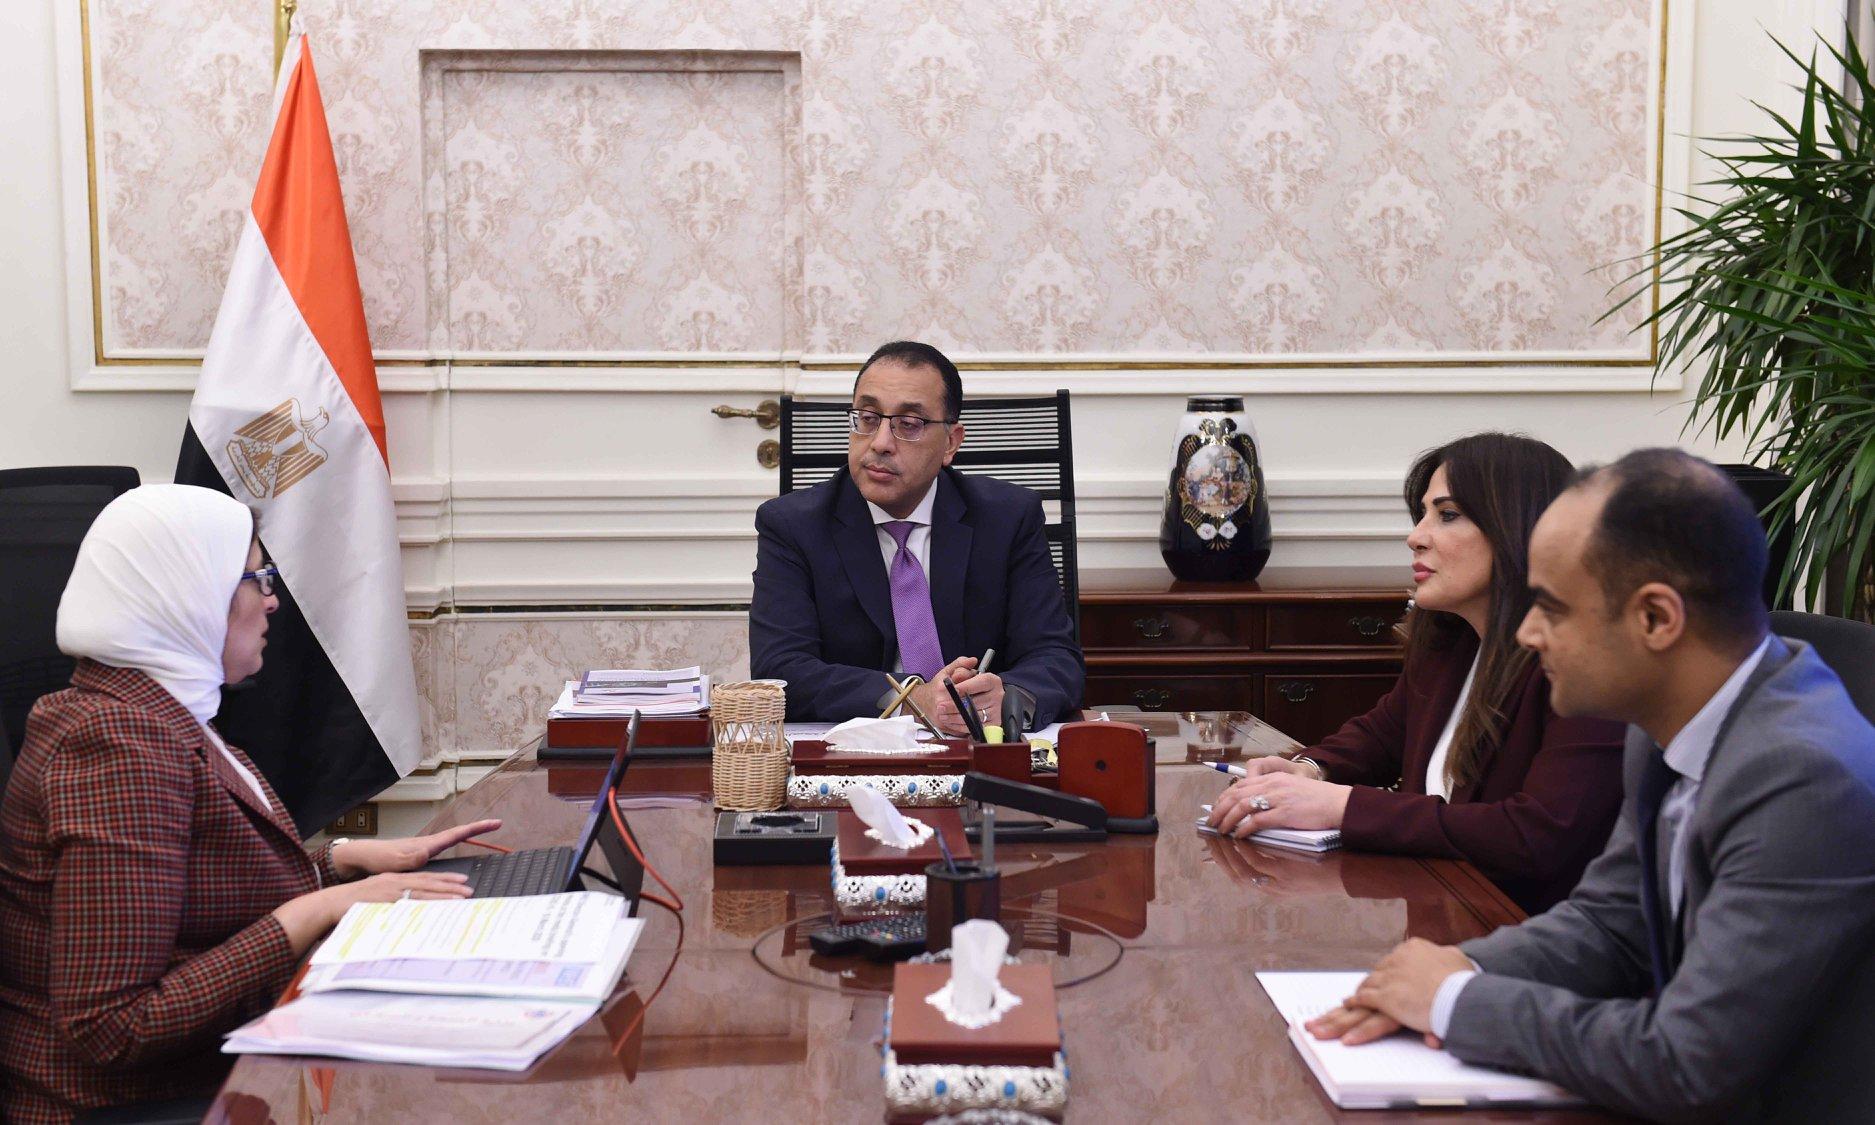 رئيس الوزراء يلتقي وزيرة الصحة لمتابعة الإجراءات الحكومية لمجابهة انتشار كورونا